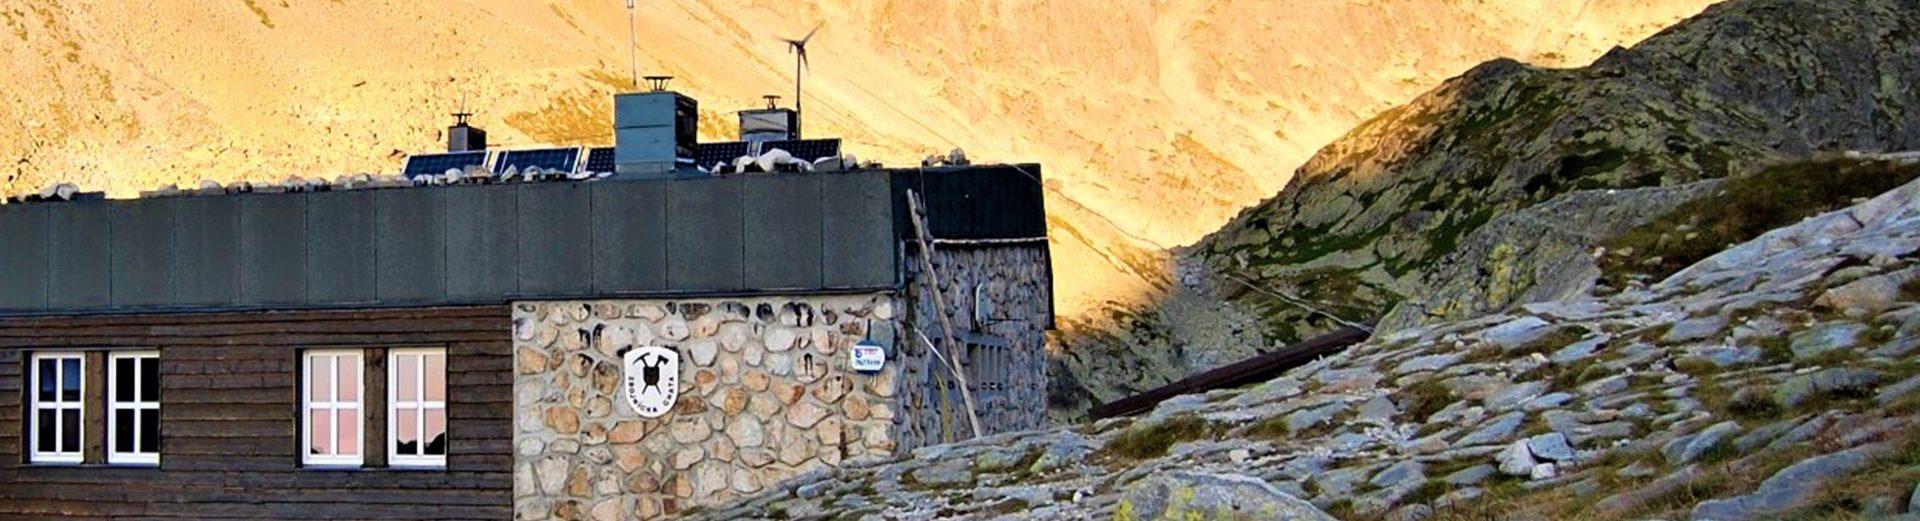 tatranska lesna rozpravka zbojnicka chata